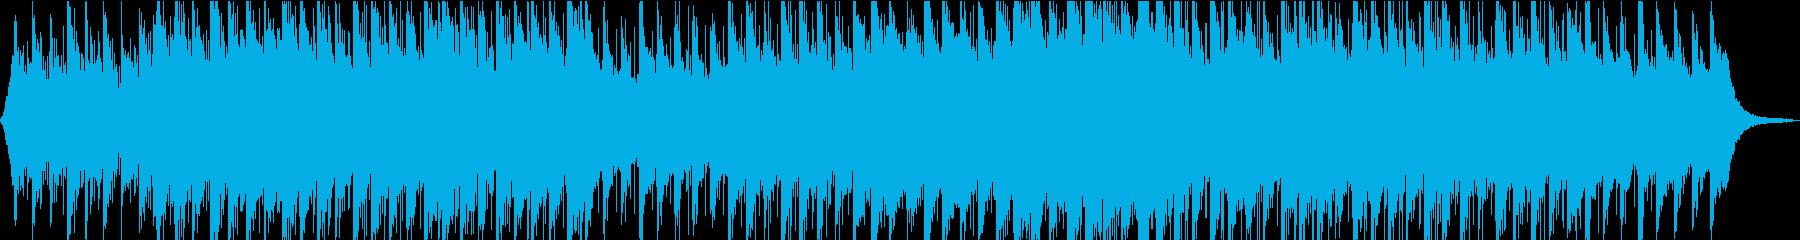 和風・オリエンタルなコーポレート②の再生済みの波形